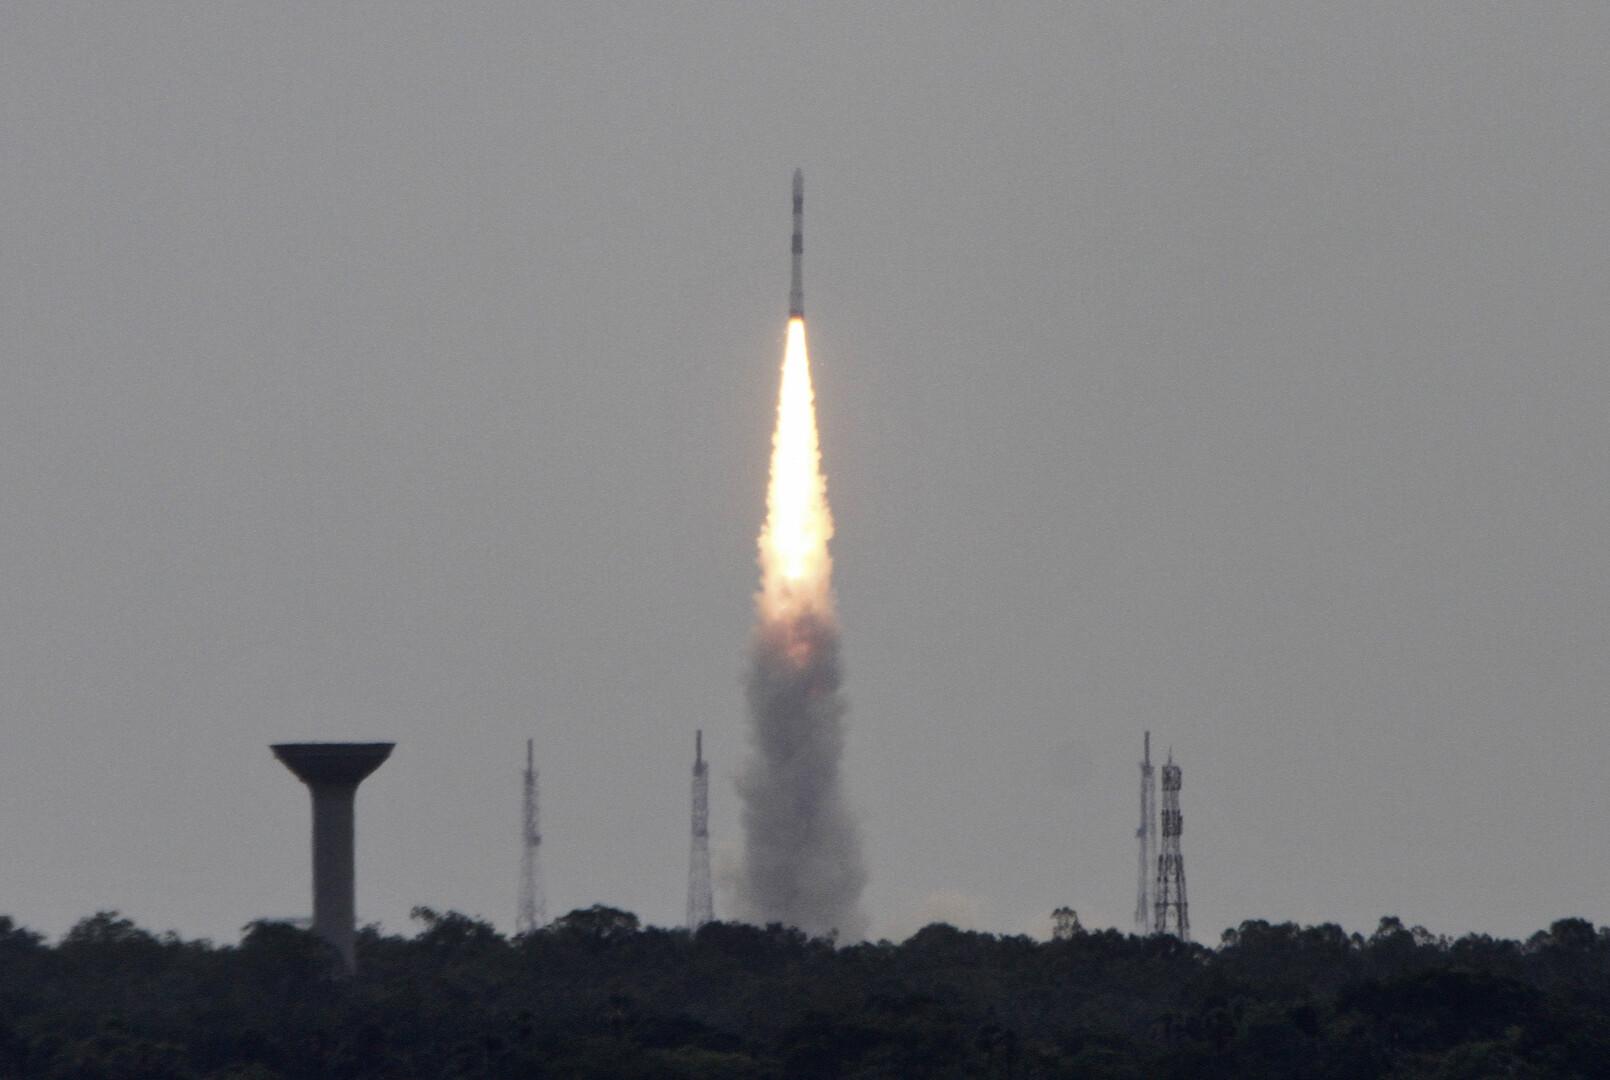 الهند تفقد الاتصال بمركبة غير مأهولة أرسلتها إلى القمر